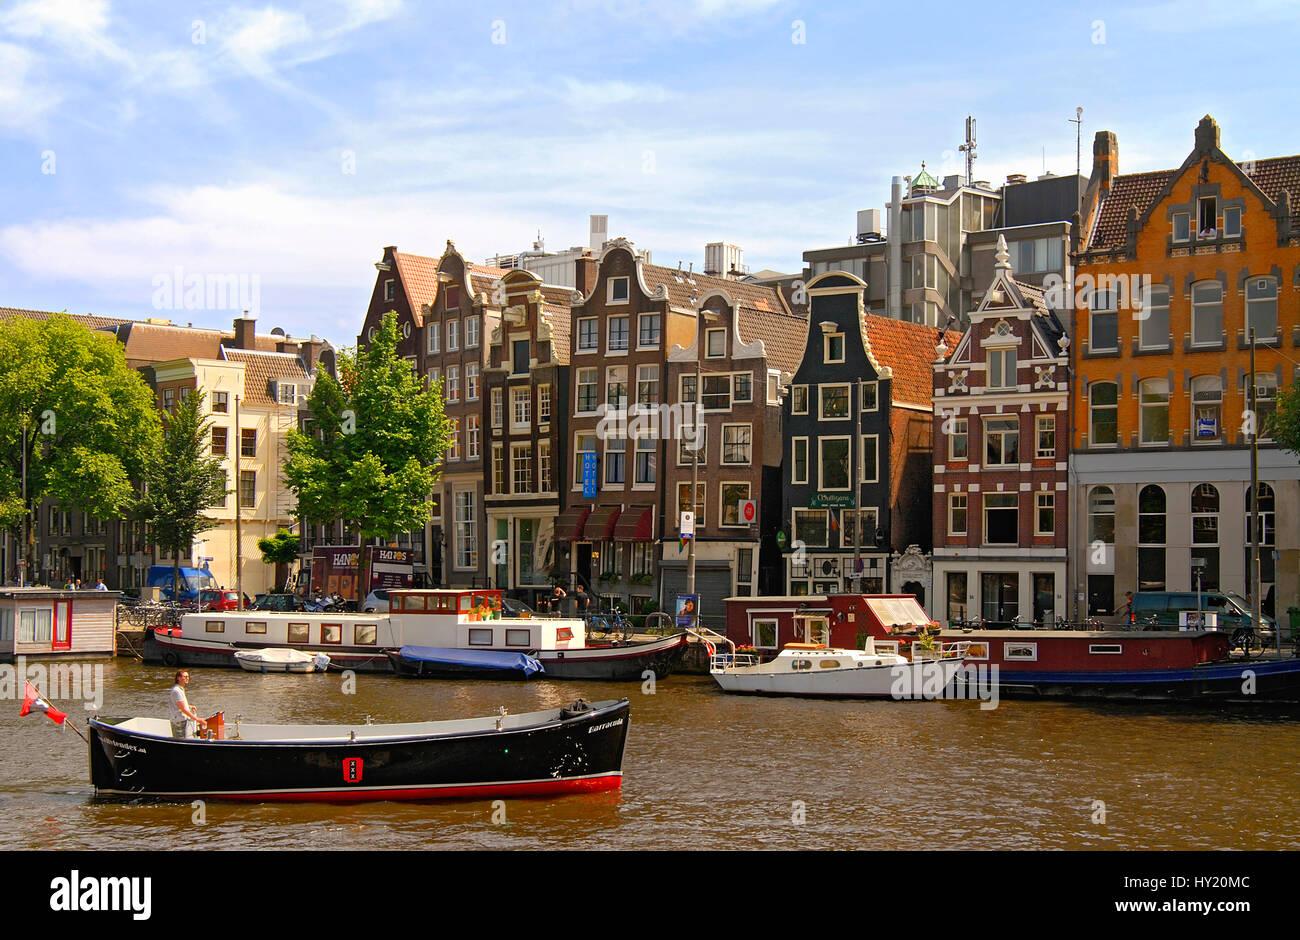 Image de petite embarcation à moteur au volant dans un canal d'eau dans le centre-ville d'Amsterdam, Hollande. Banque D'Images